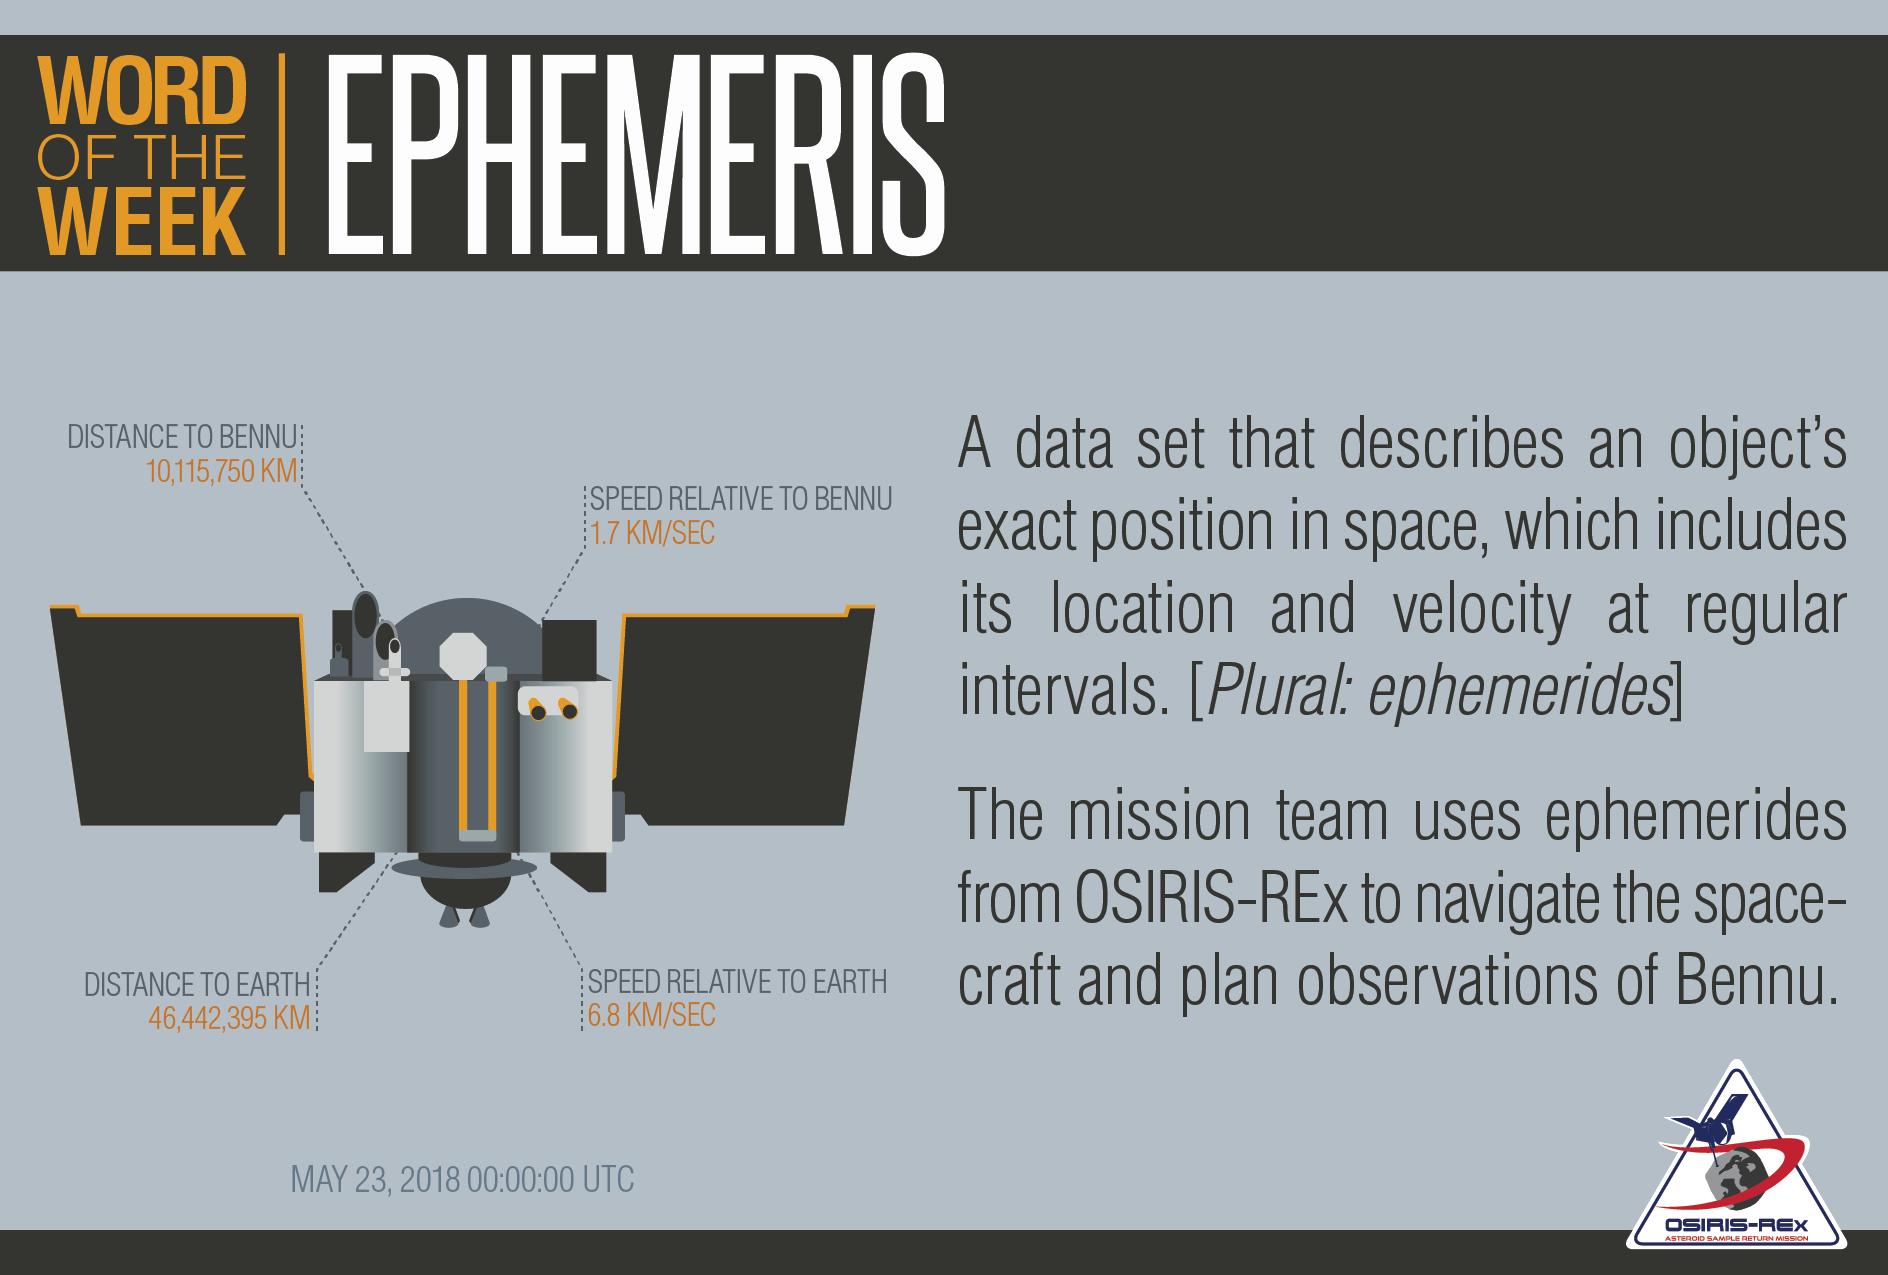 Ephemeris Definition and Illustration